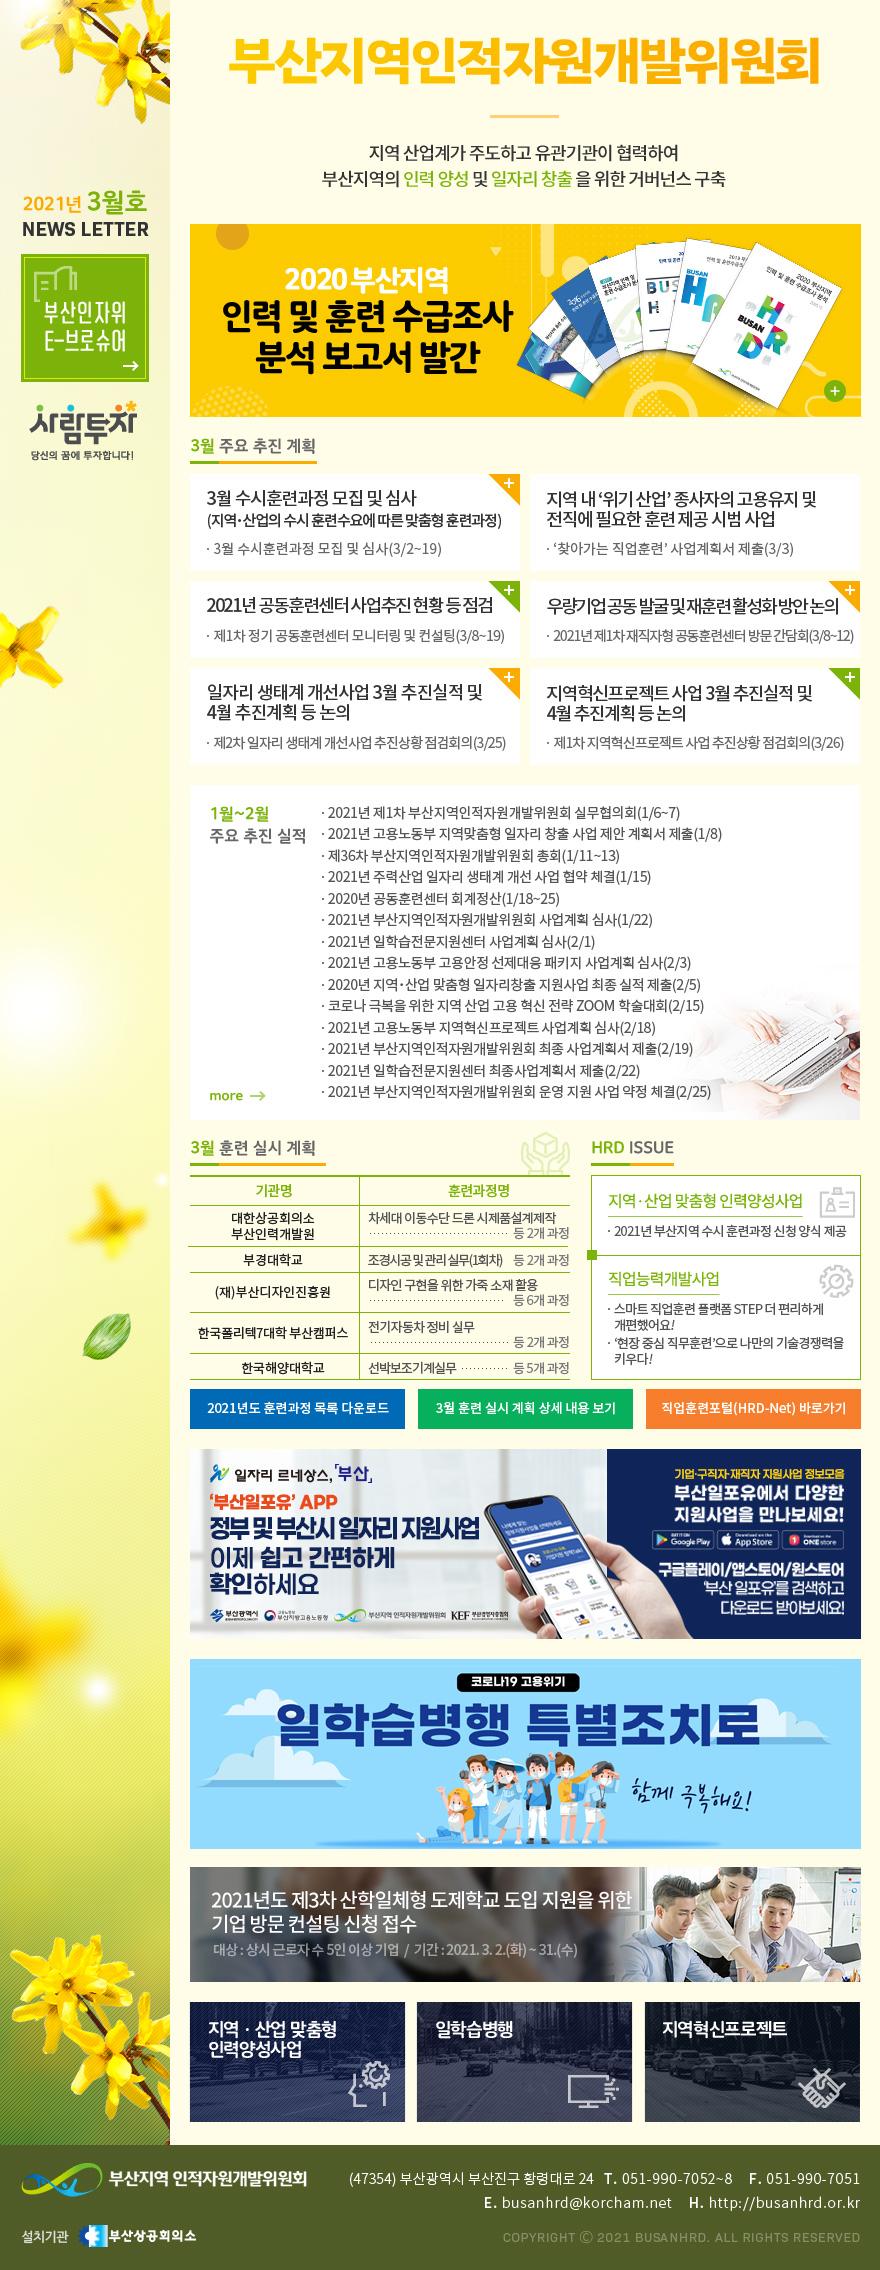 뉴스레터 2021년 3월호